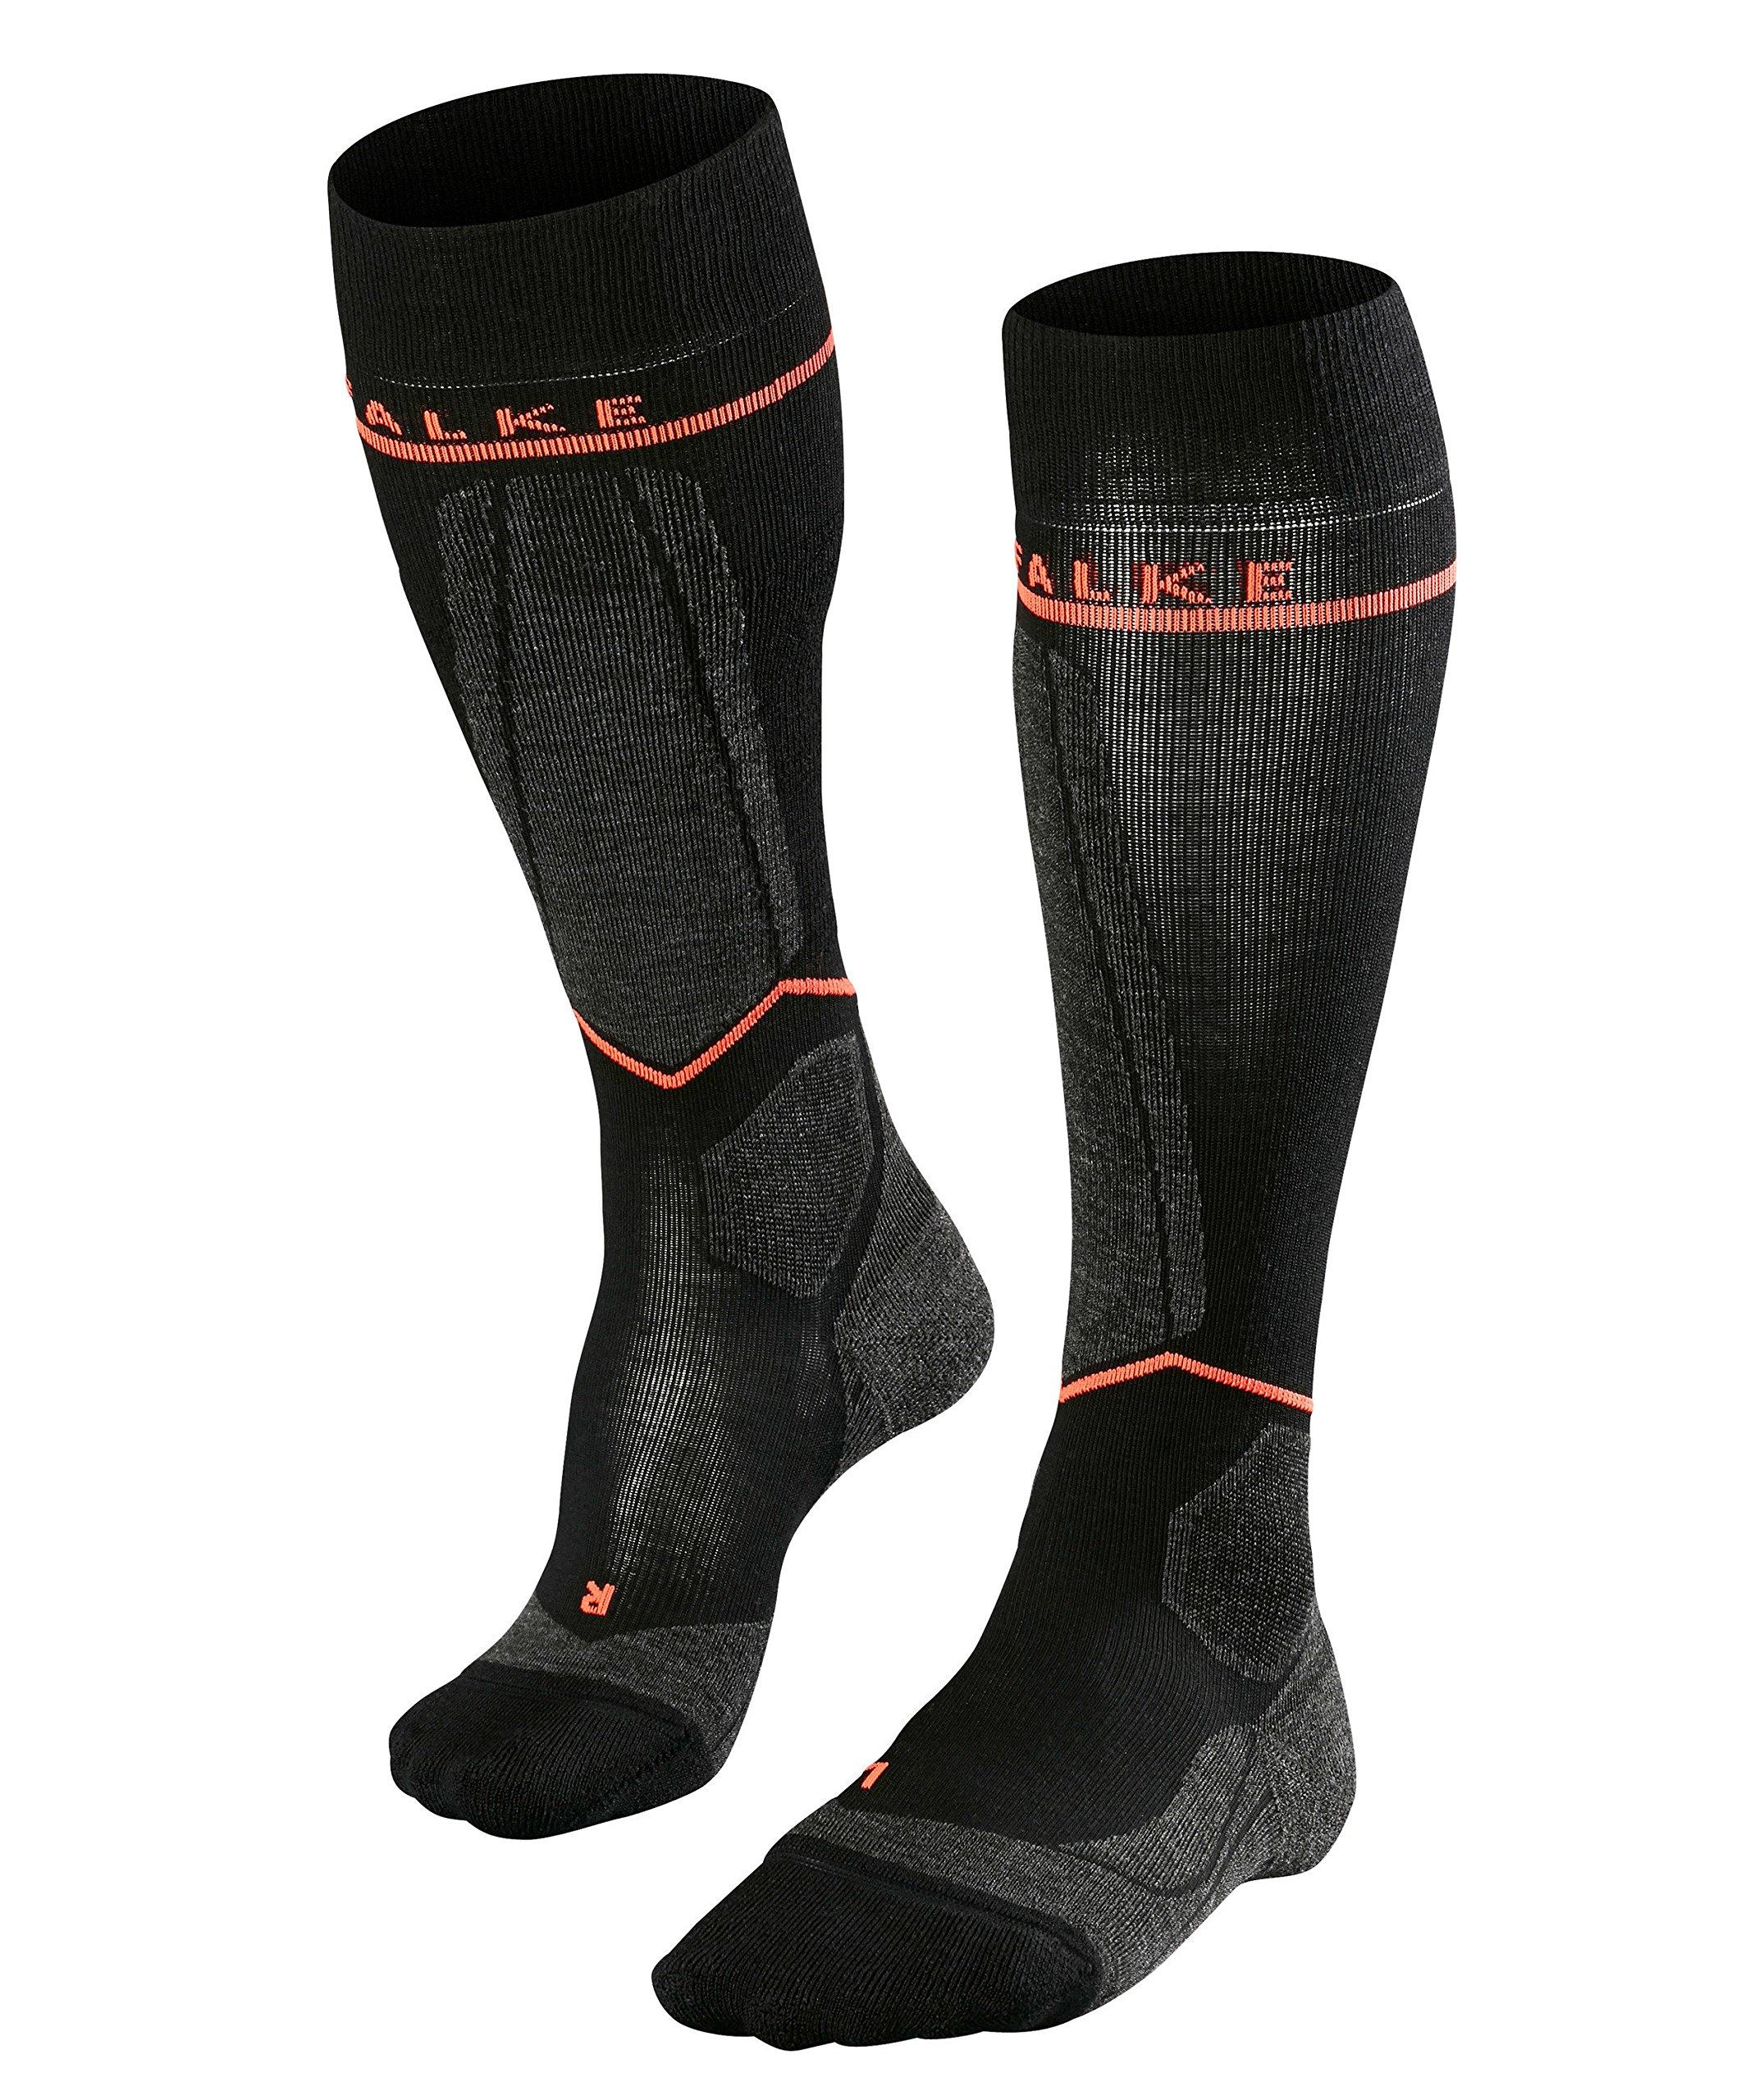 FALKE Damen SK Energizing Wool W KH Skisocken, Schwarz (Black-Neon Red 3178), 35